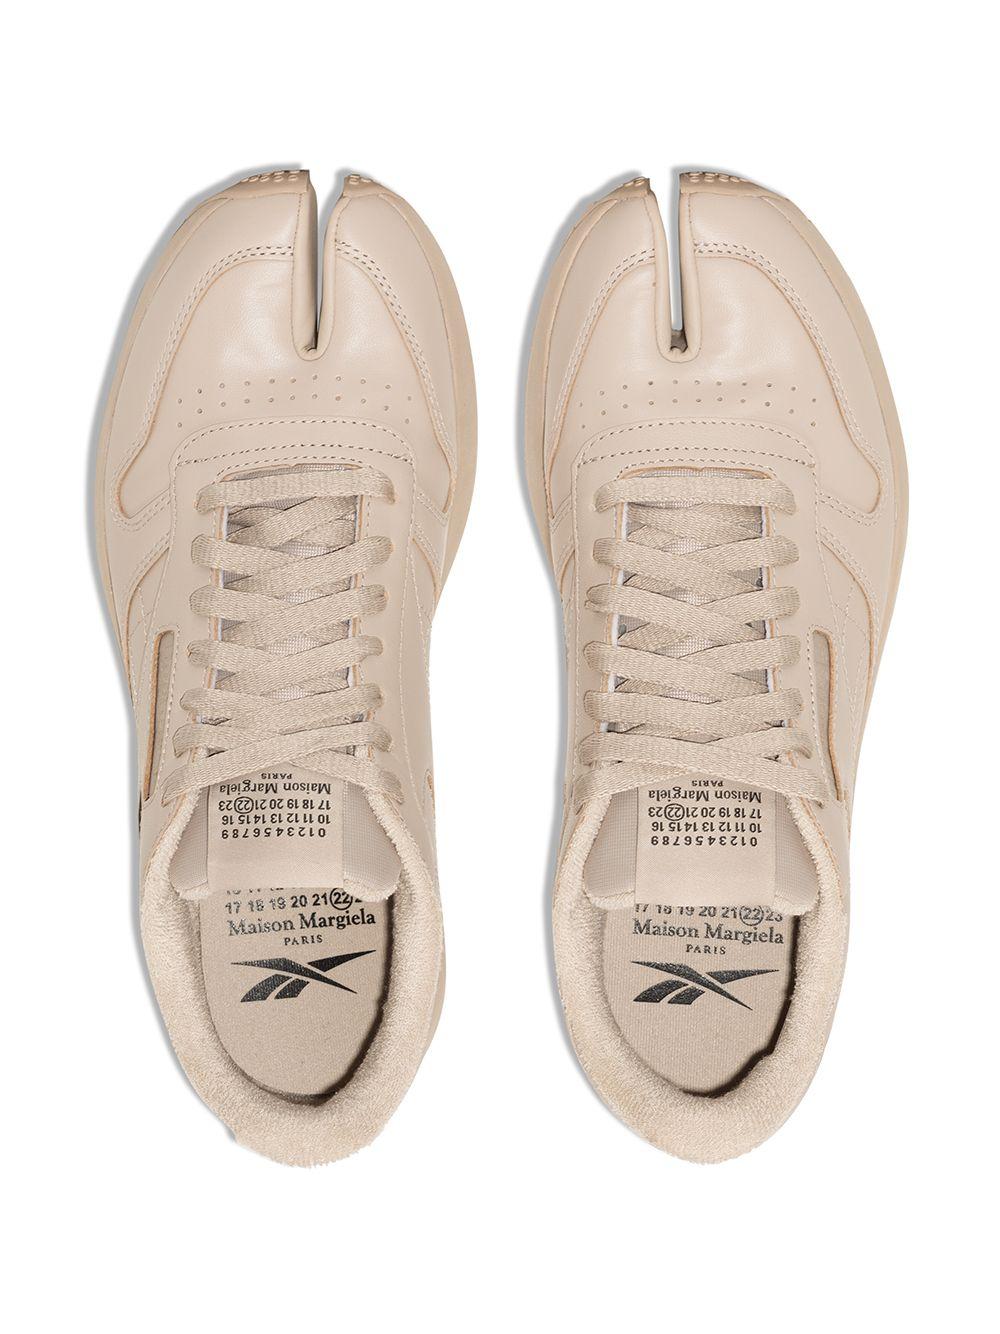 Sneakers Project 0 cl Crema in Pelle Uomo REEBOK X MAISON MARGIELA   Sneakers   GX5141MODBEI